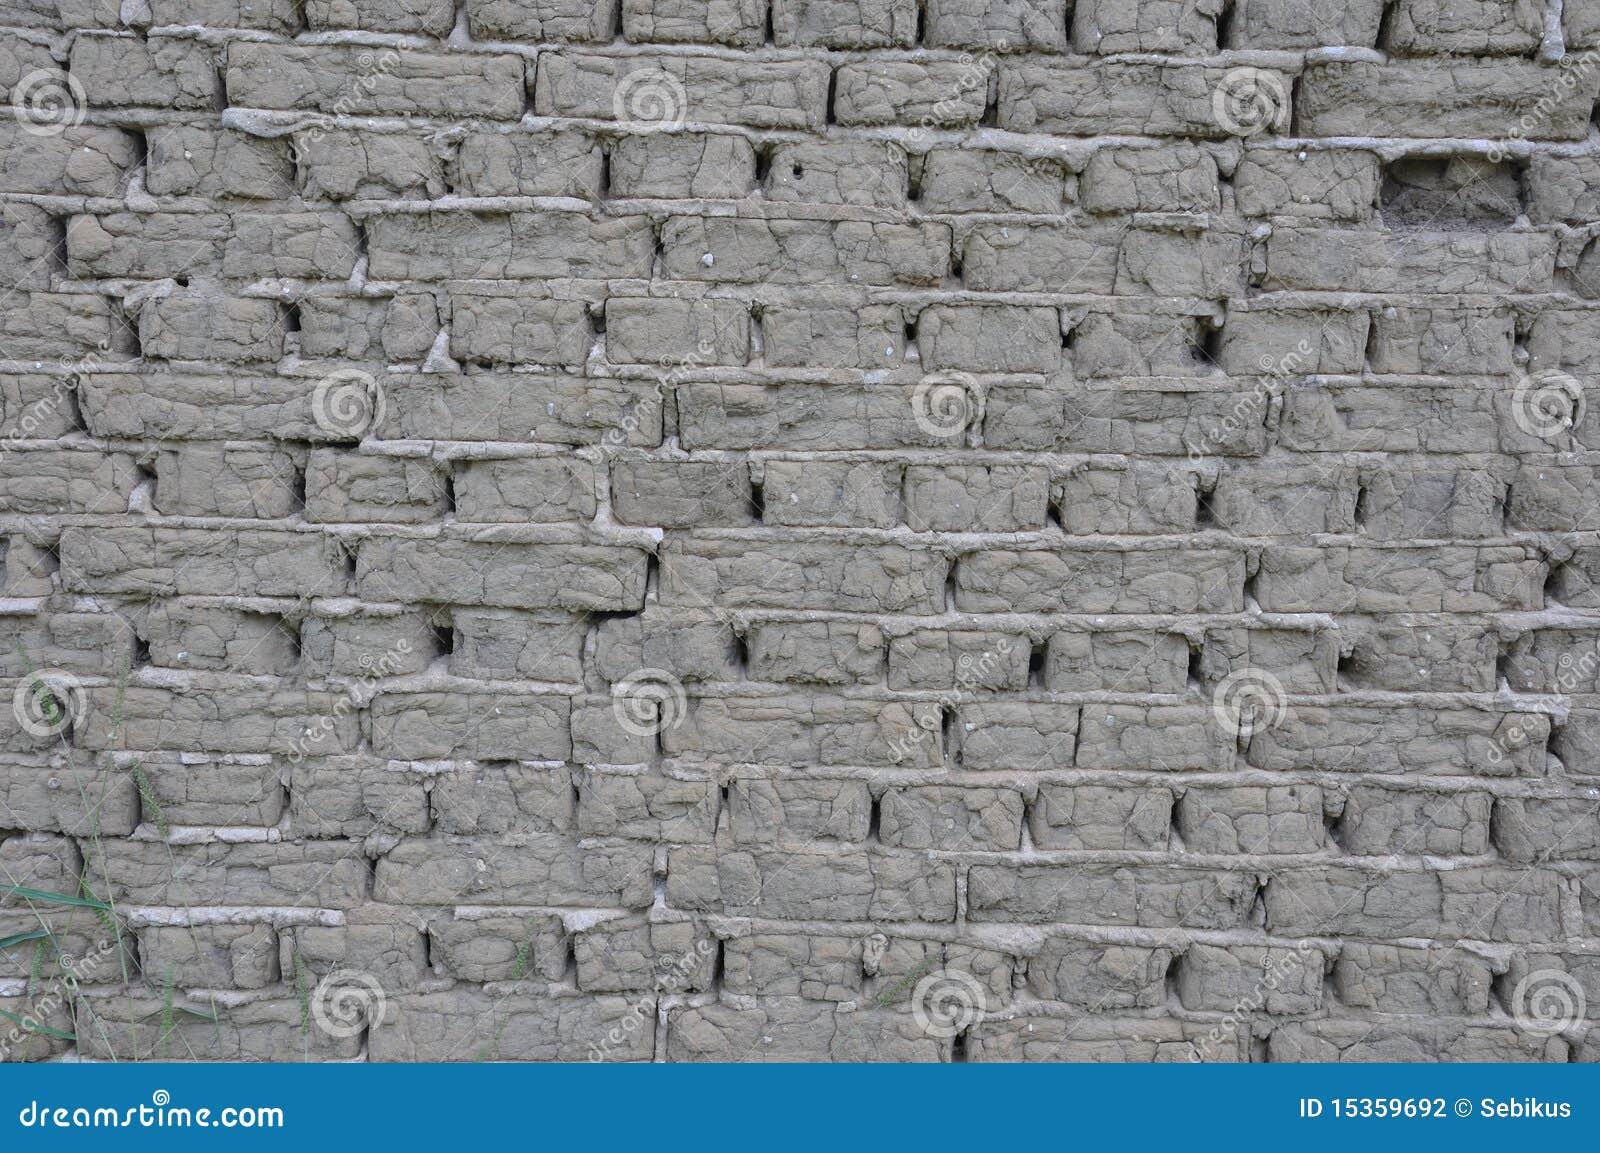 briques grises de salet photographie stock image 15359692. Black Bedroom Furniture Sets. Home Design Ideas